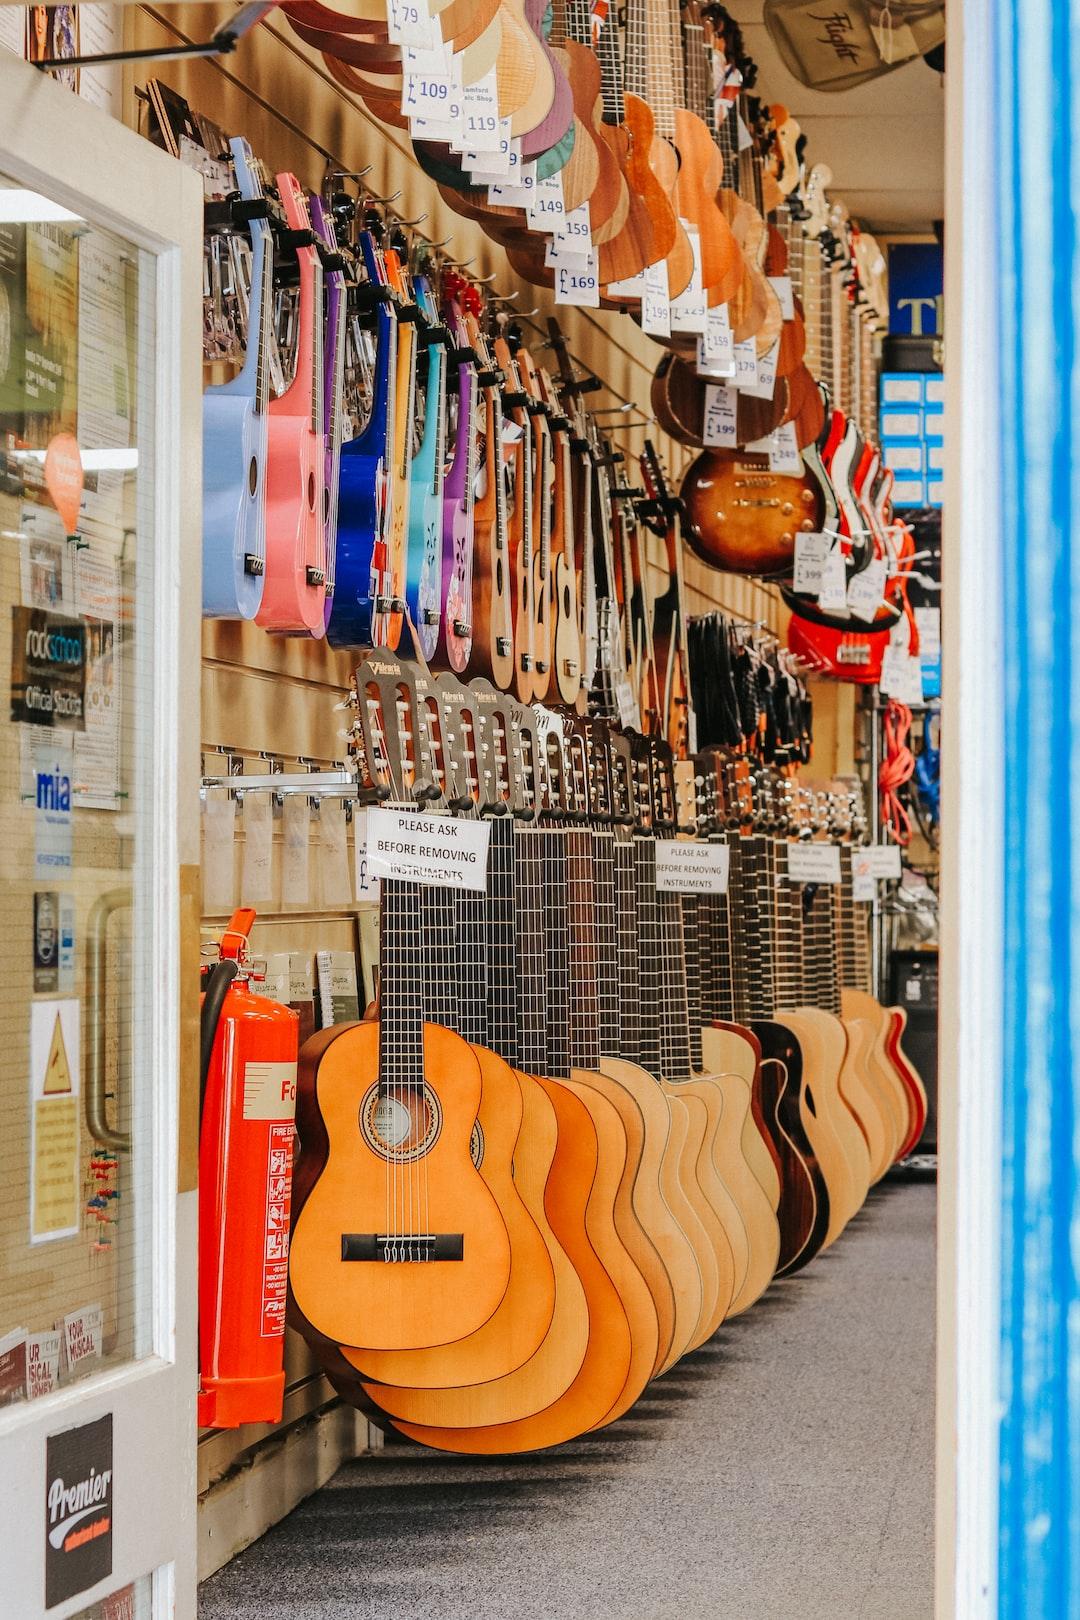 Guitars anyone?